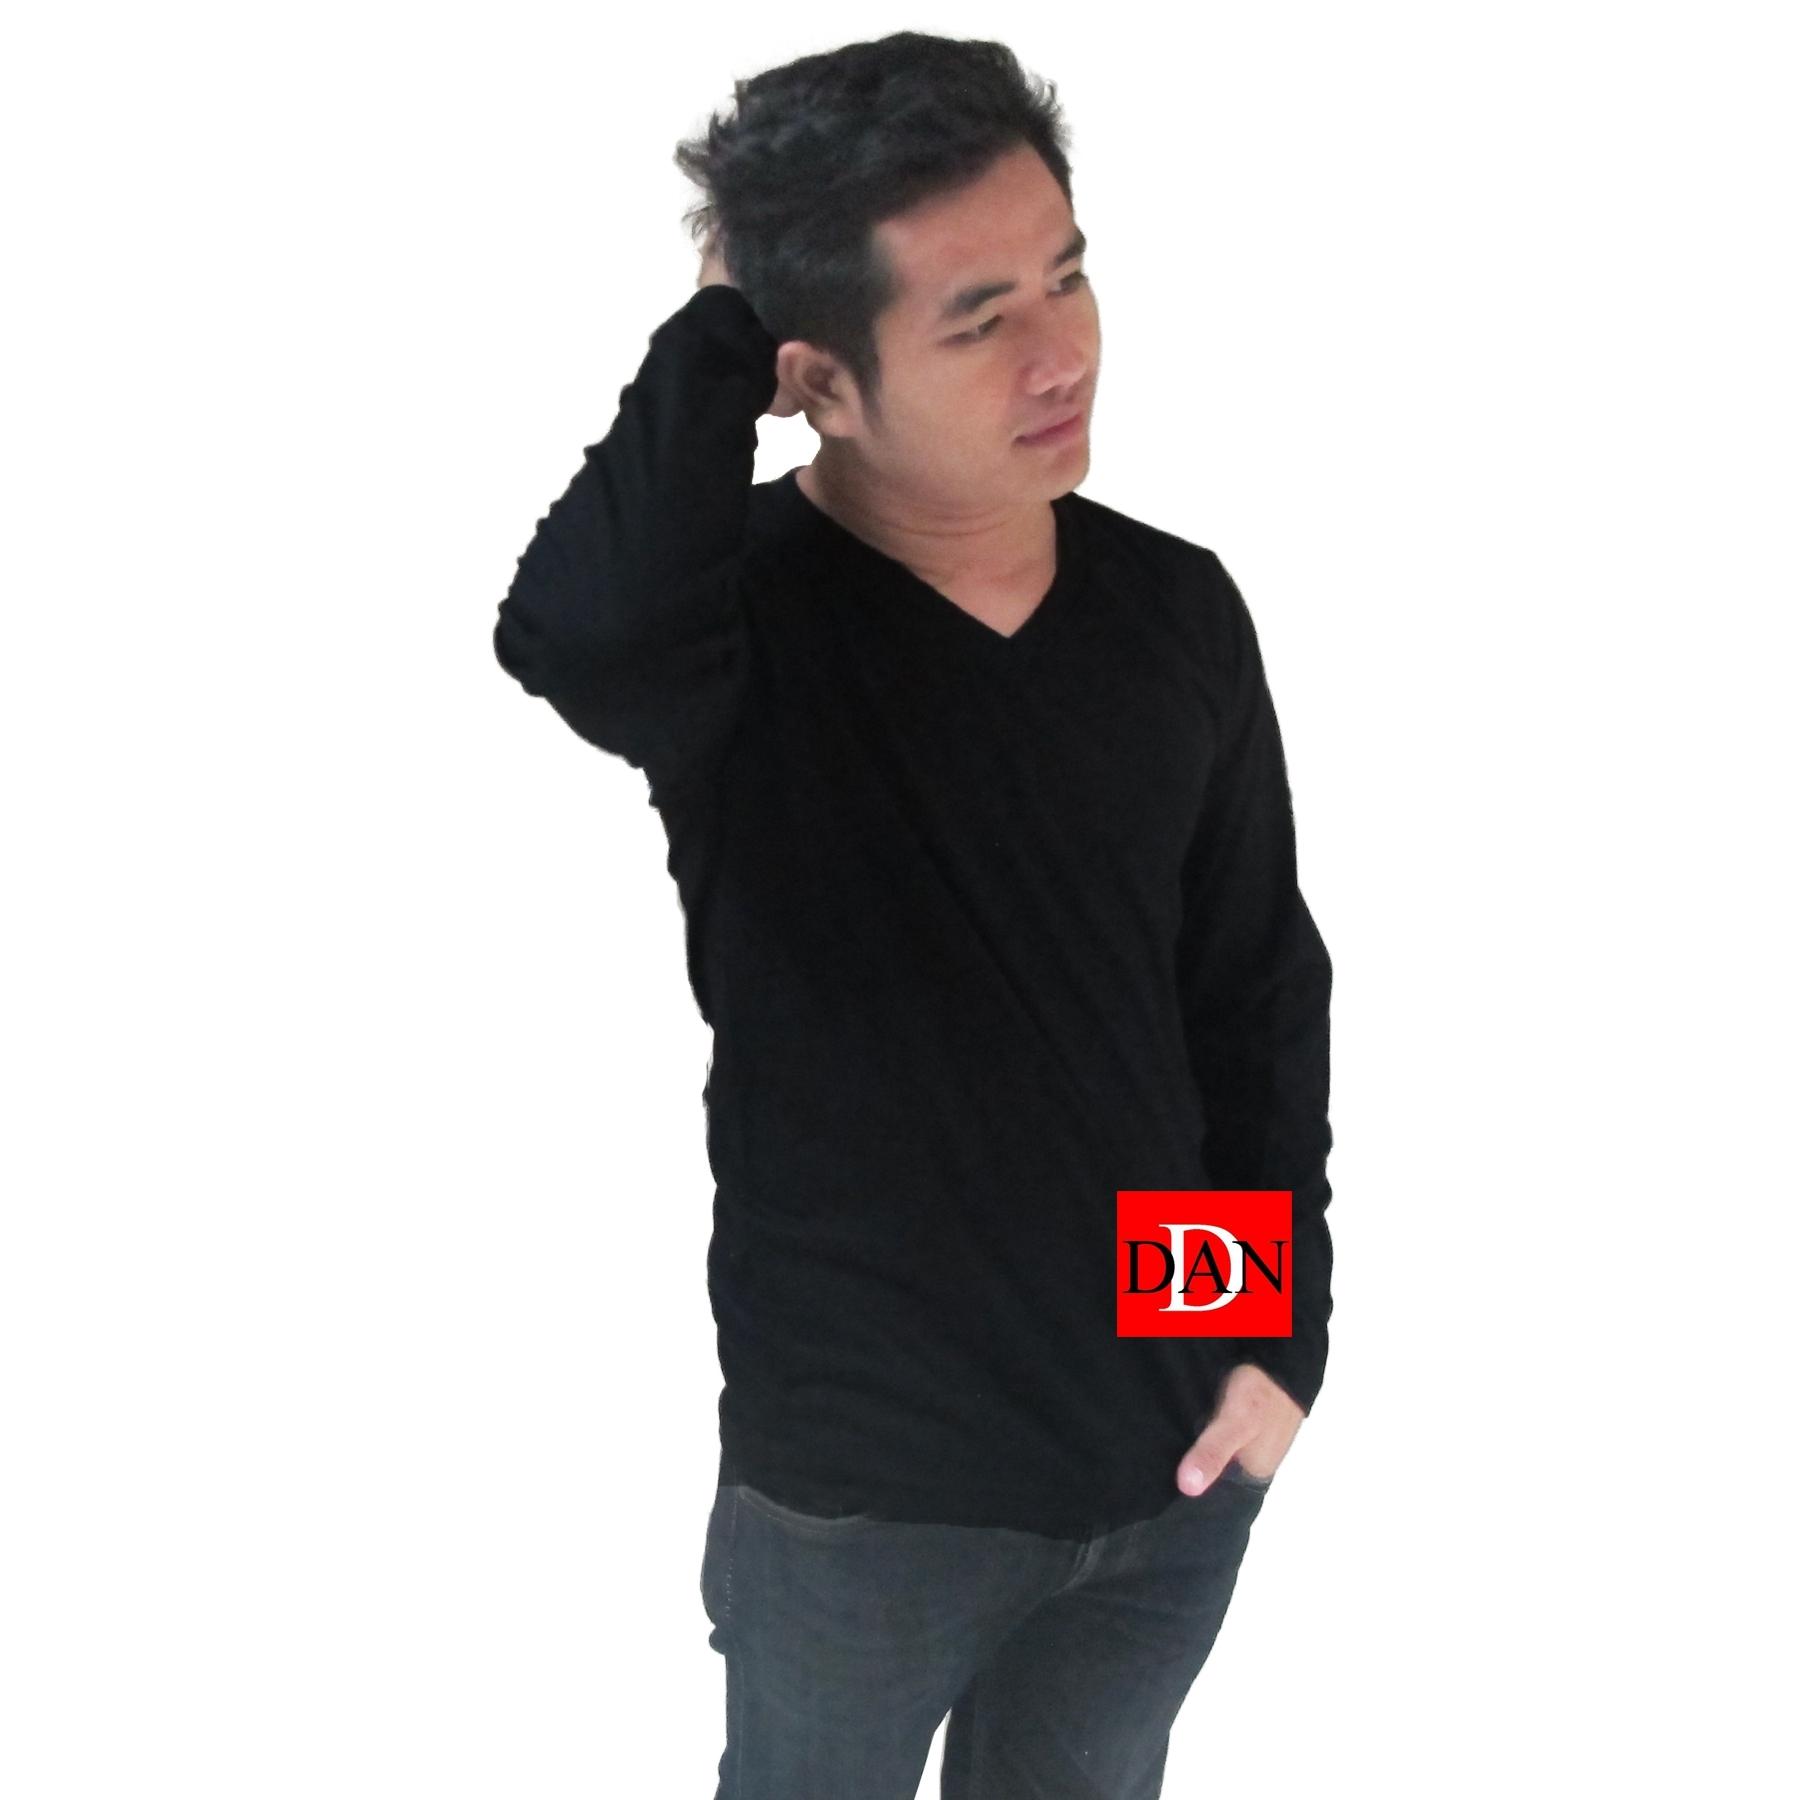 เสื้อแขนยาว คอวี สีดำ